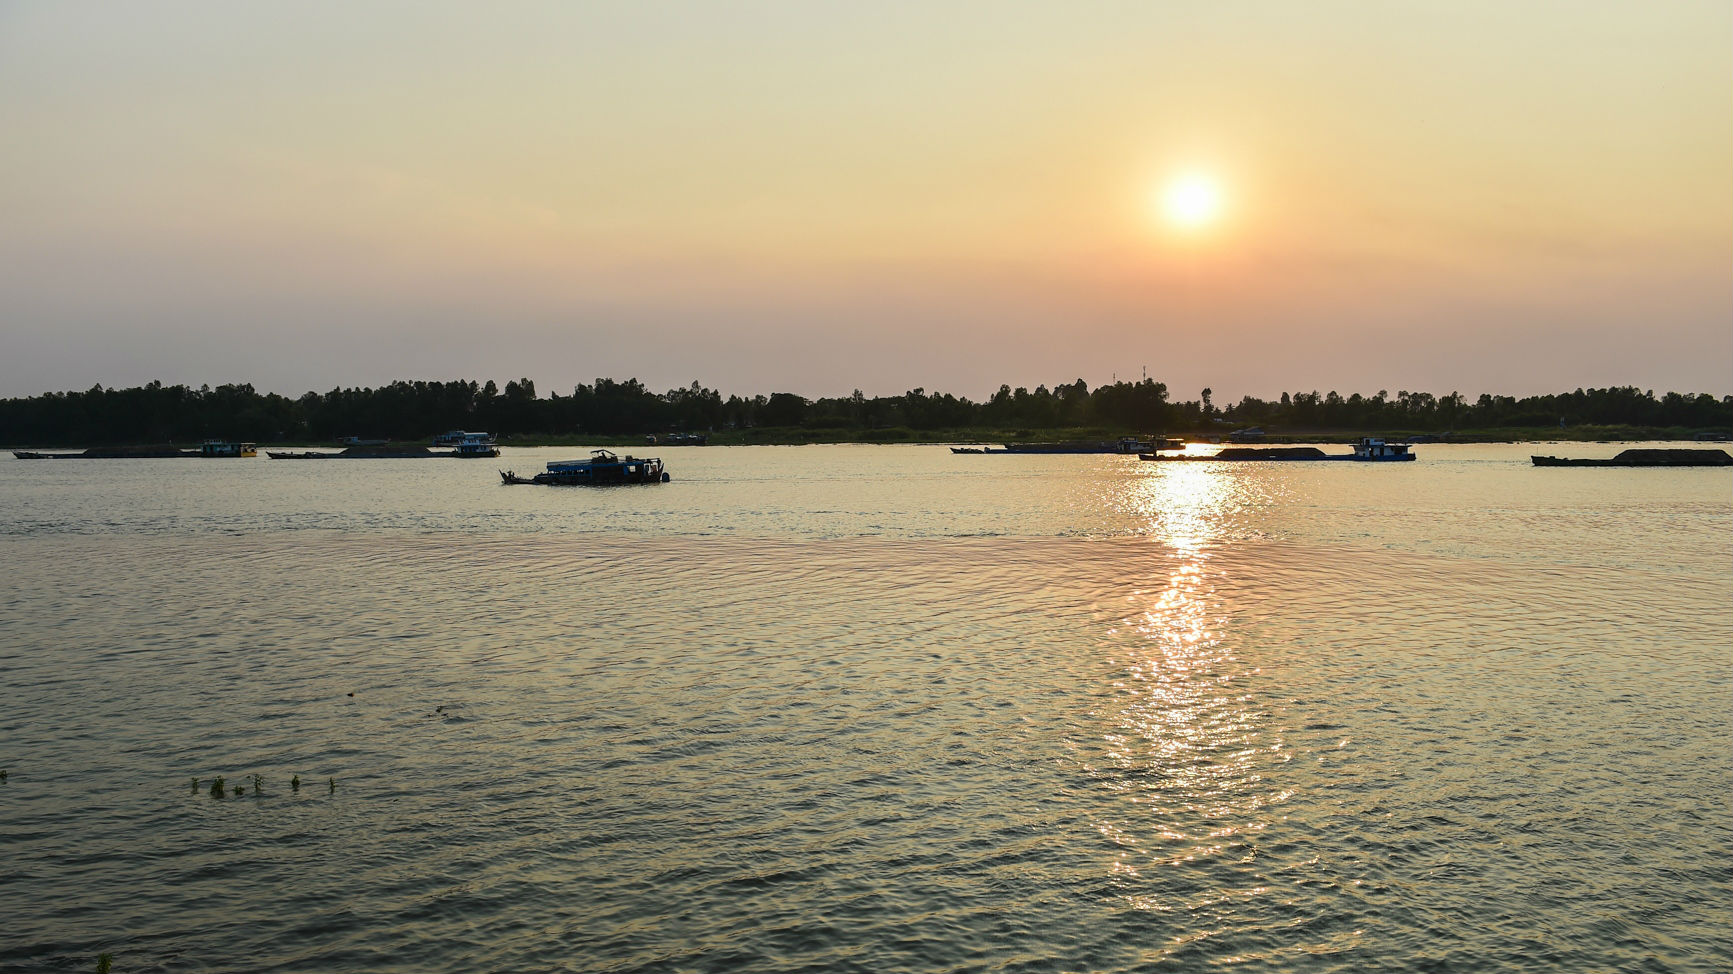 日媒:日本将提出新战略 推进湄公河国家基础设施建设